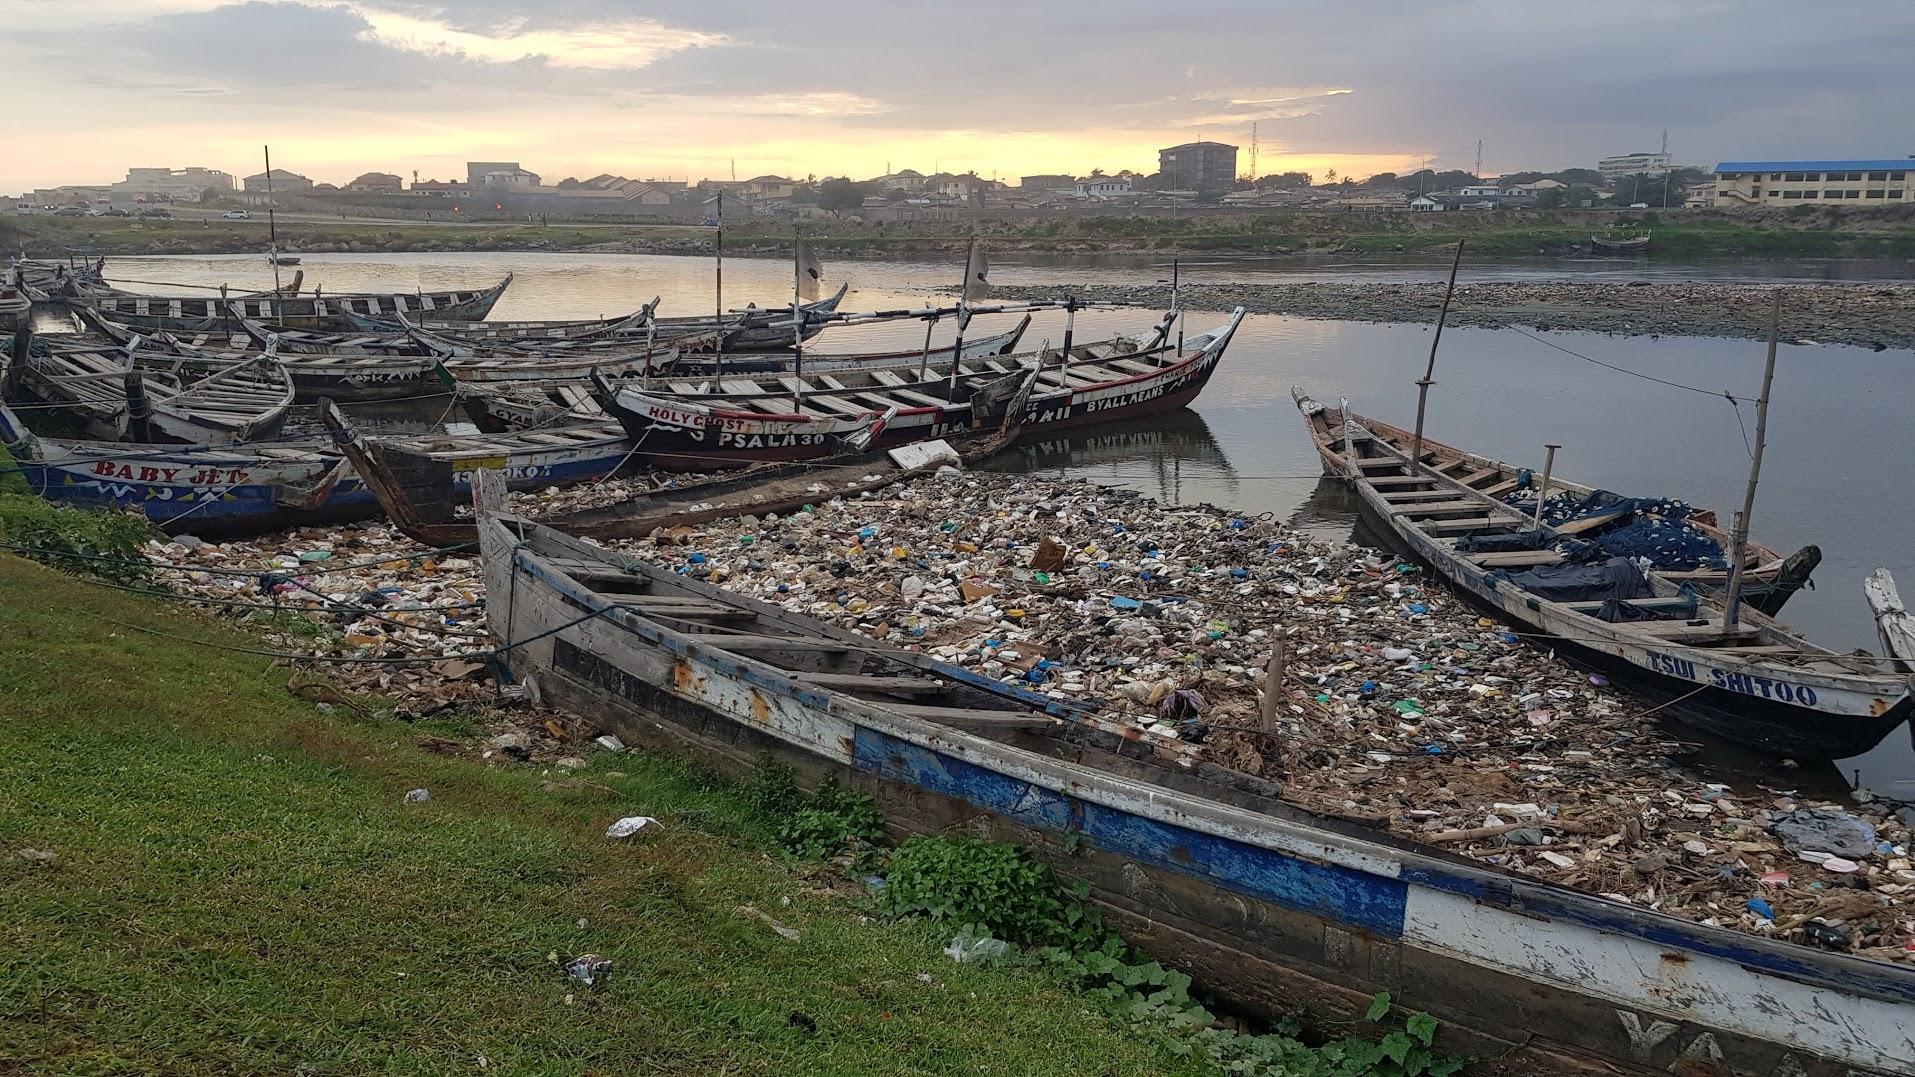 Plastforsøpling hoper seg opp i elvene, og ødelegger det som burde være svært idyllisk natur.